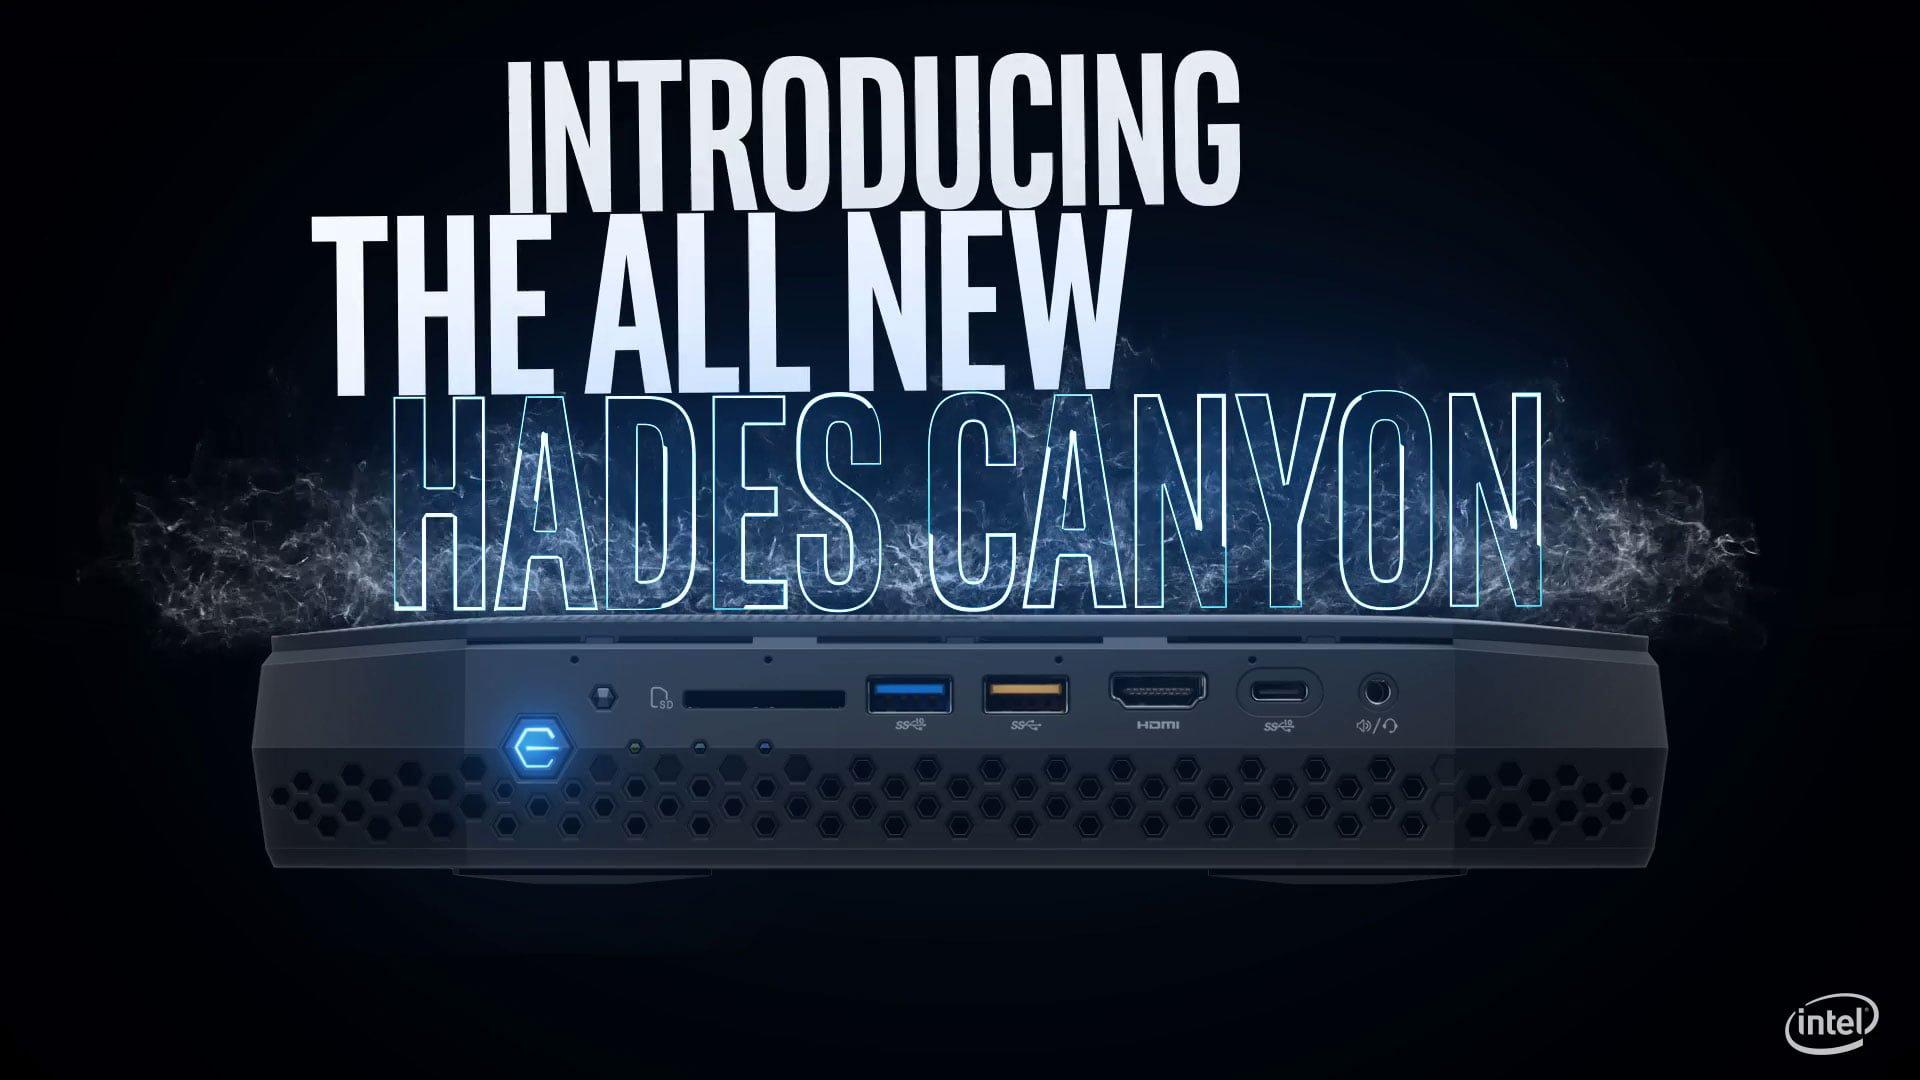 Intel NUC Hades Canyon yleisesittely